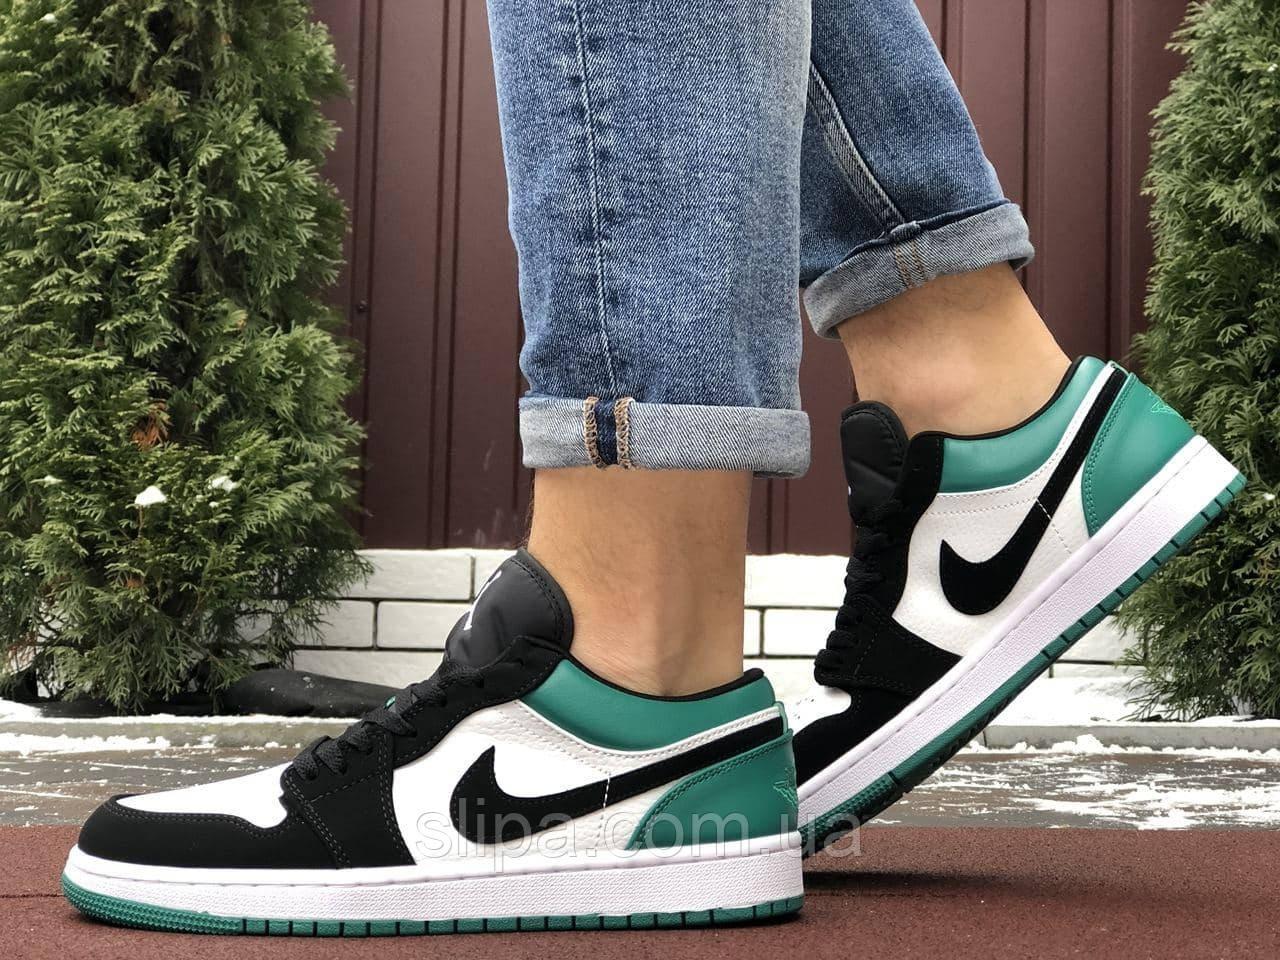 Мужские кожаные кроссовки в стиле Nike Air Jordan 1 Low белые с зелёным